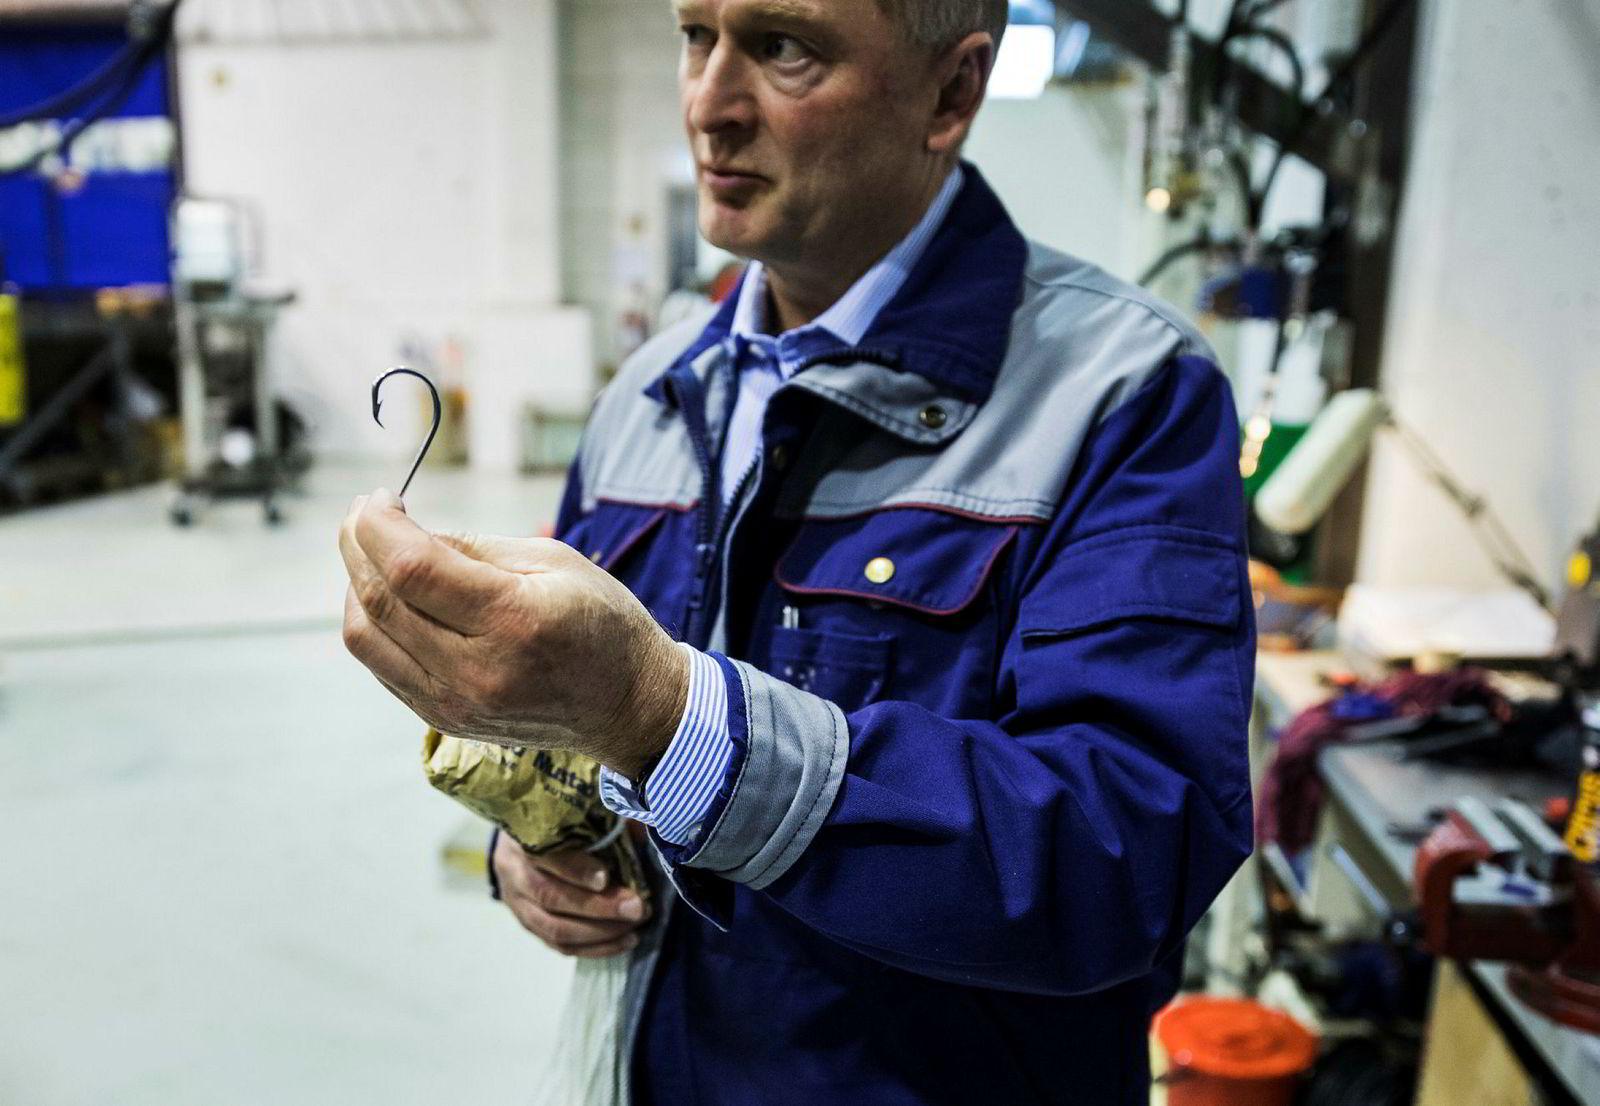 Mustad Autoline er storkjøper av fiskekroker fra fabrikken Mustad-familien tidligere eide. – Vi kjøper inn mellom 15 og 20 millioner enheter per år, sier Anders Frisinger, daglig leder i Mustad Autoline.